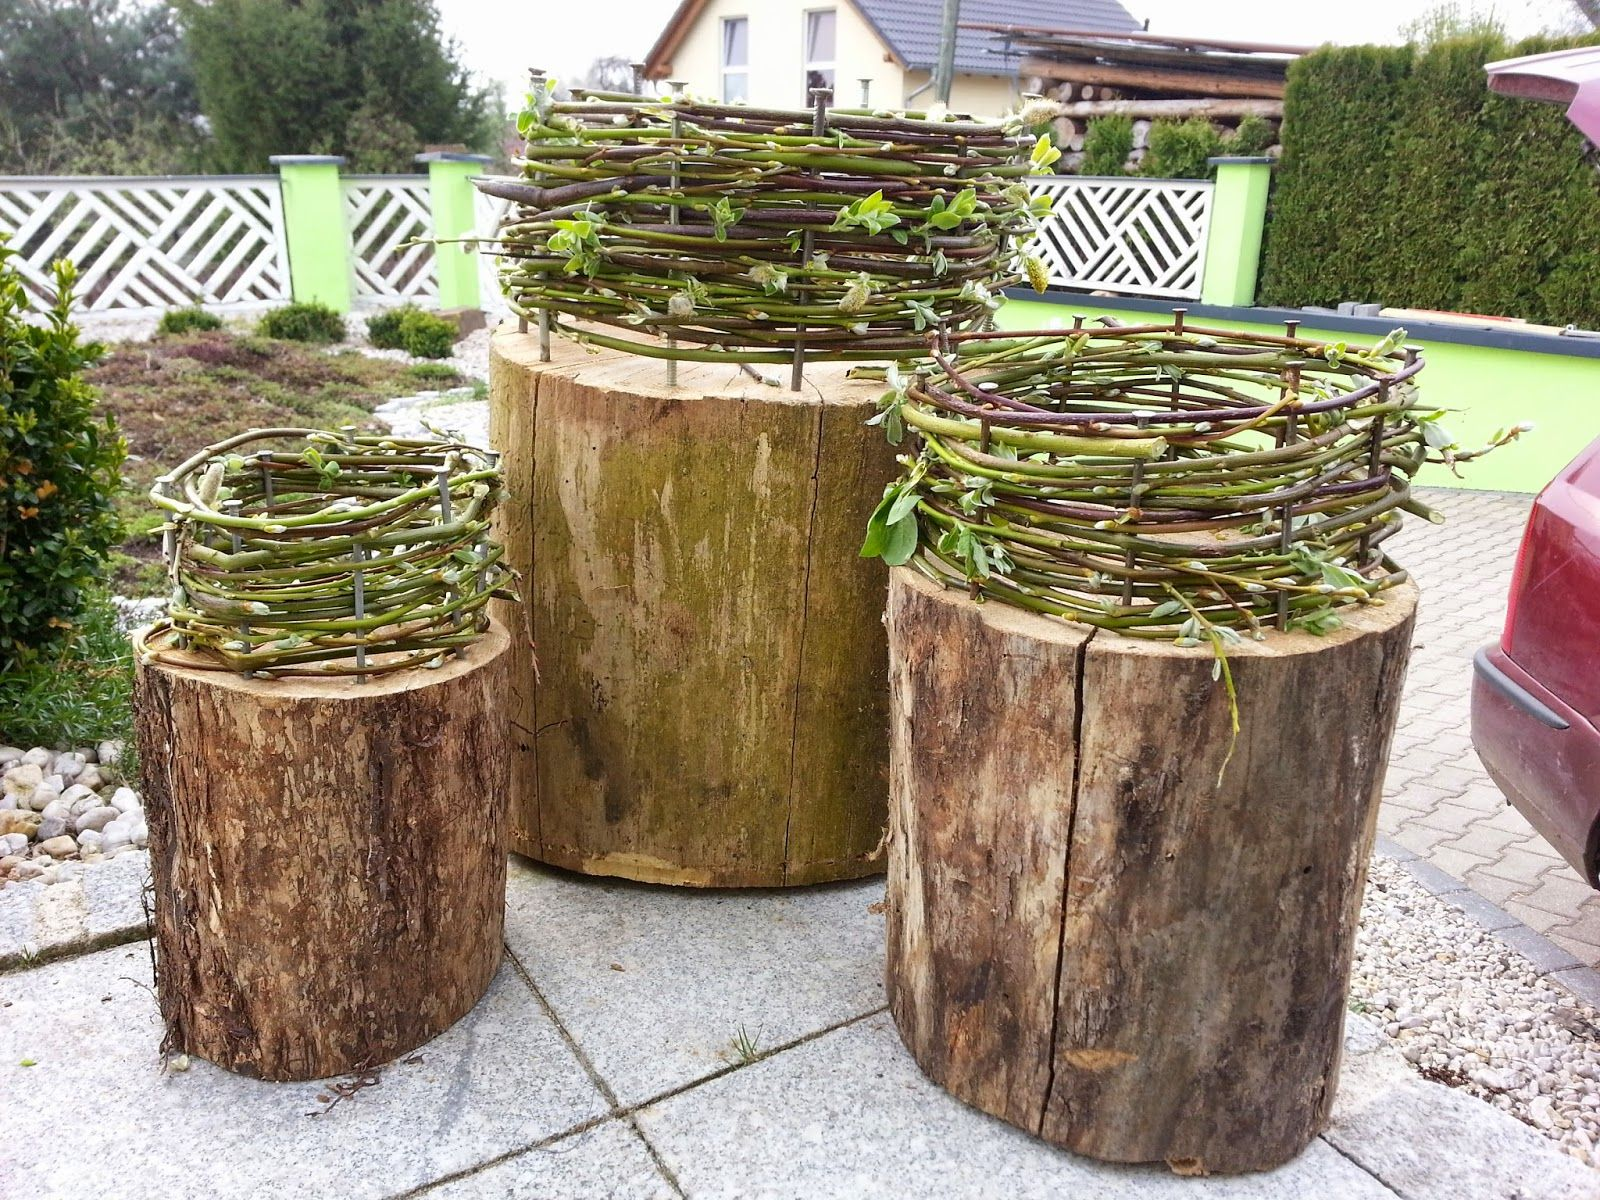 Dekoartikel garten holz  Die besten 25+ Holz schnitzen Ideen auf Pinterest | Holz drechseln ...